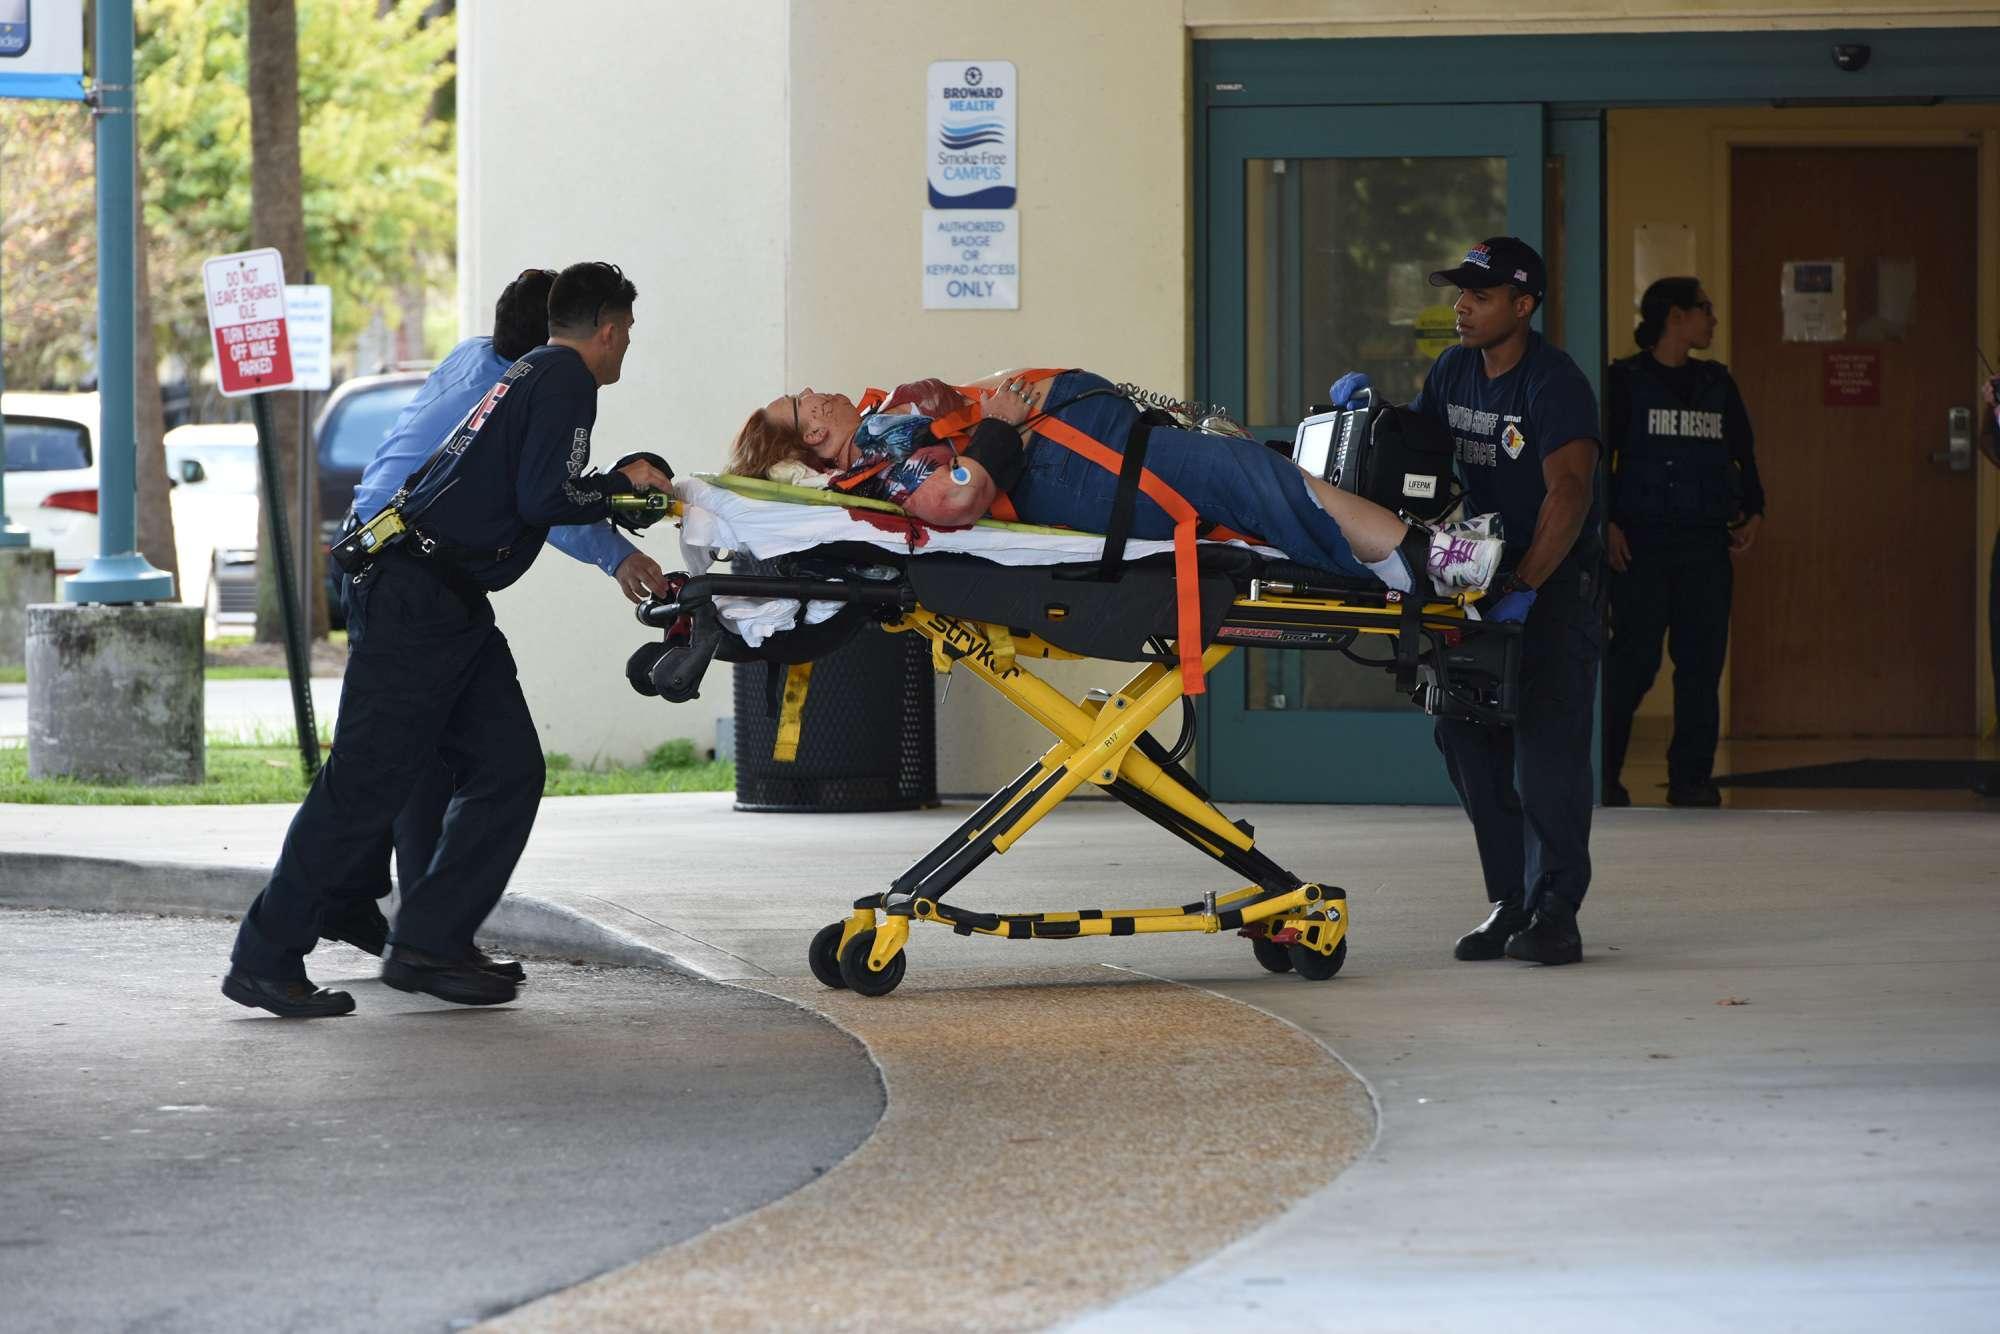 """Sparatoria all'eroporto in Florida. """"Il killer mirava alla testa dei presenti"""""""